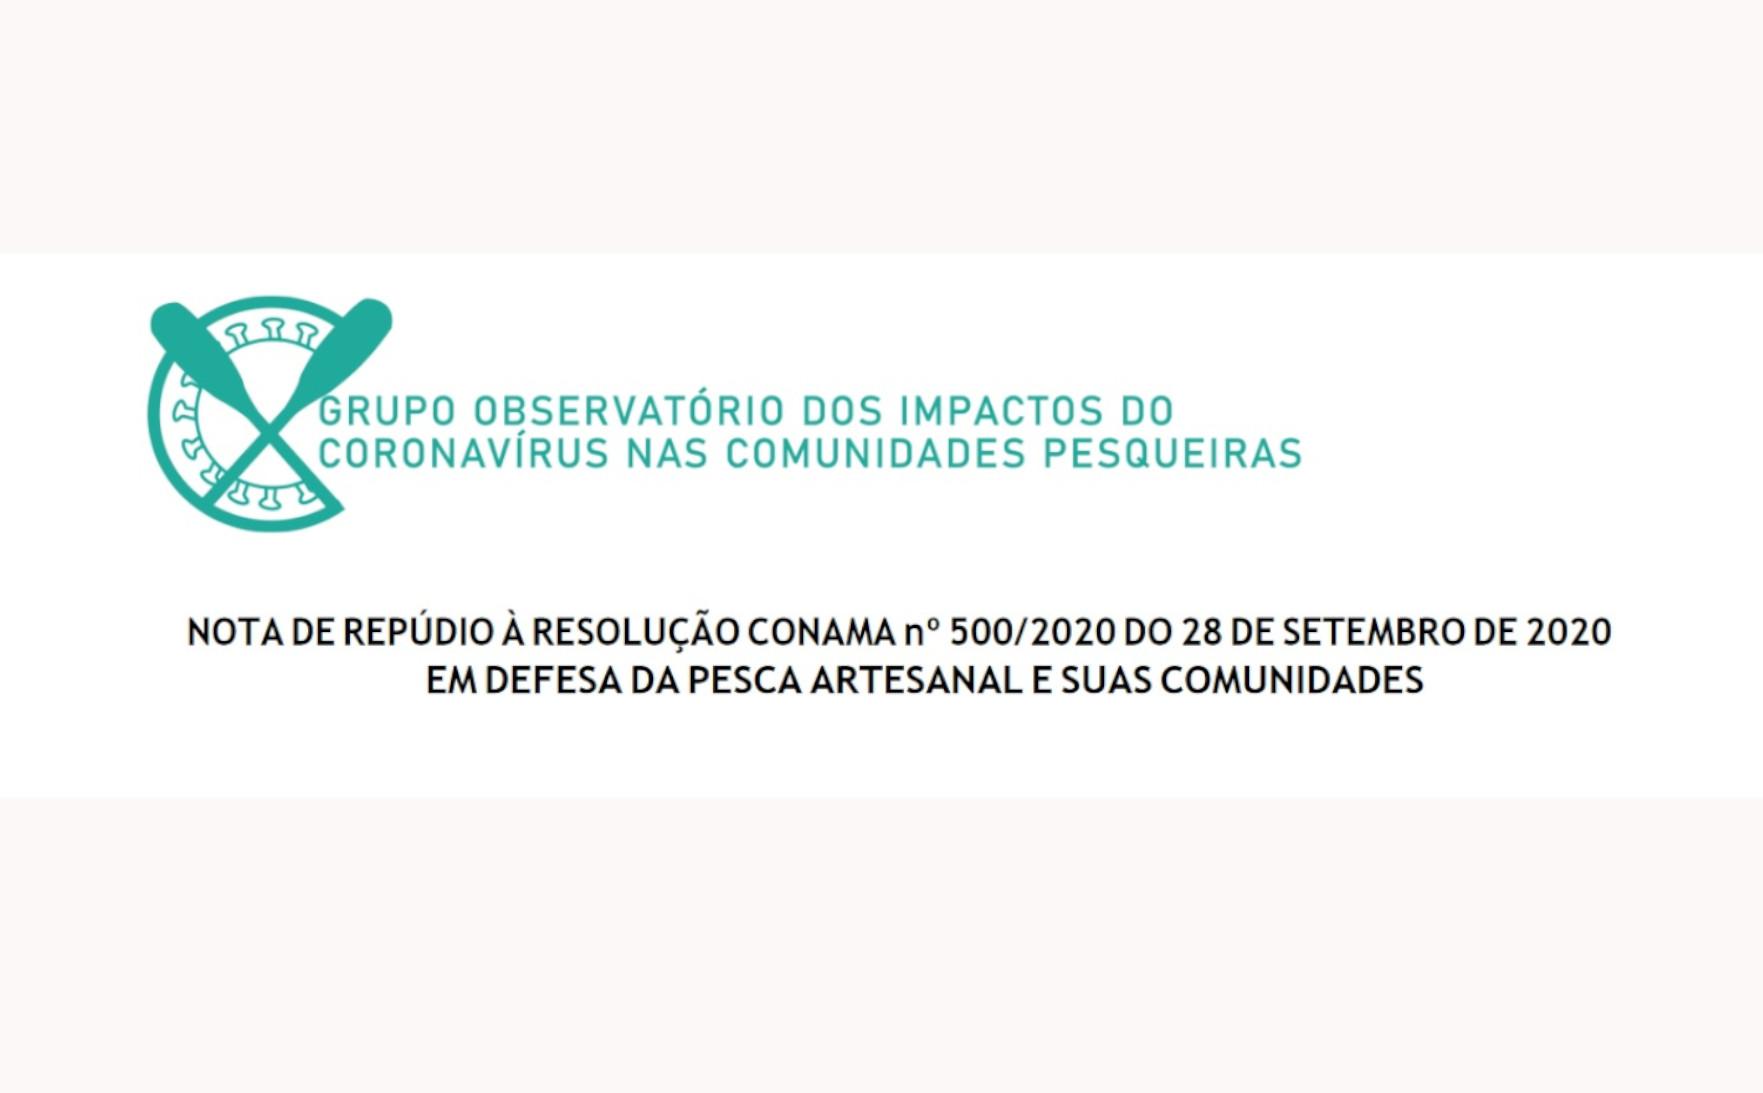 Nota de repúdio das comunidades pesqueiras e organizações à resolução do CONAMA